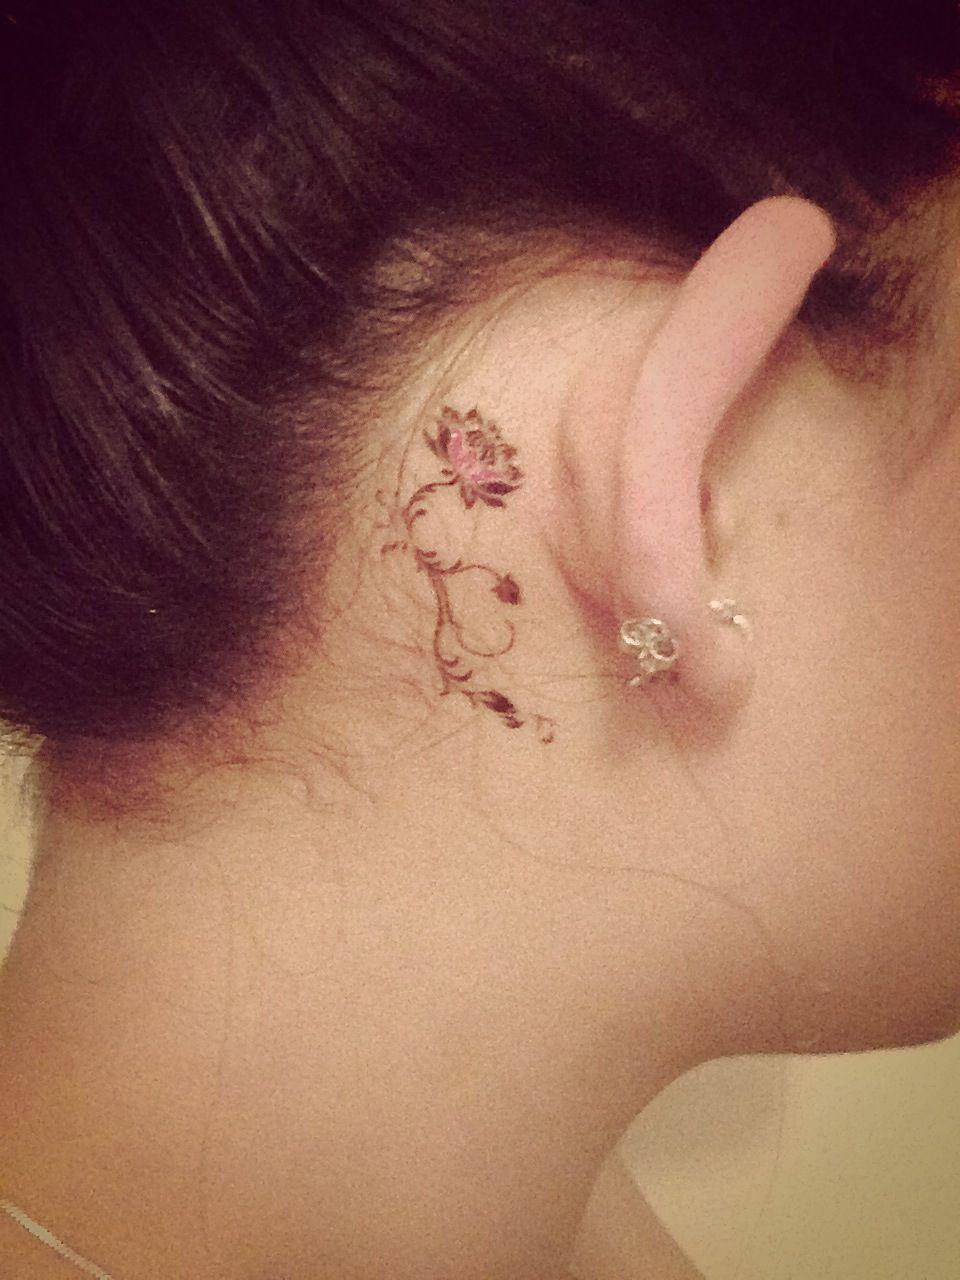 Flower Tattoo Behind Eardainty Sugestes Tatoo Pinterest